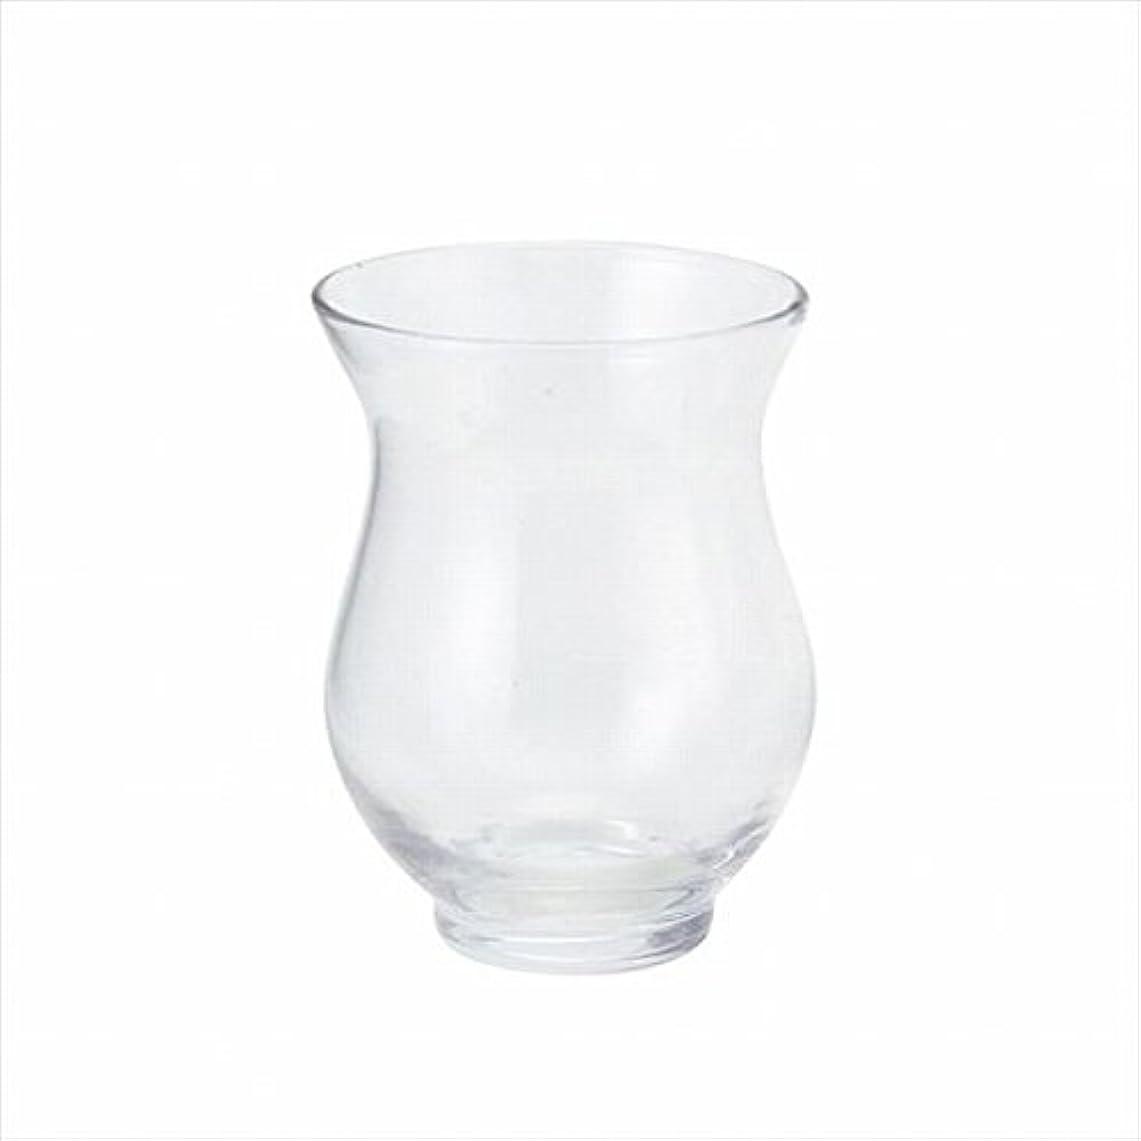 母音委員長郵便局kameyama candle(カメヤマキャンドル) ウィンドライトエレガンスS キャンドル 75x75x100mm (D3825023)